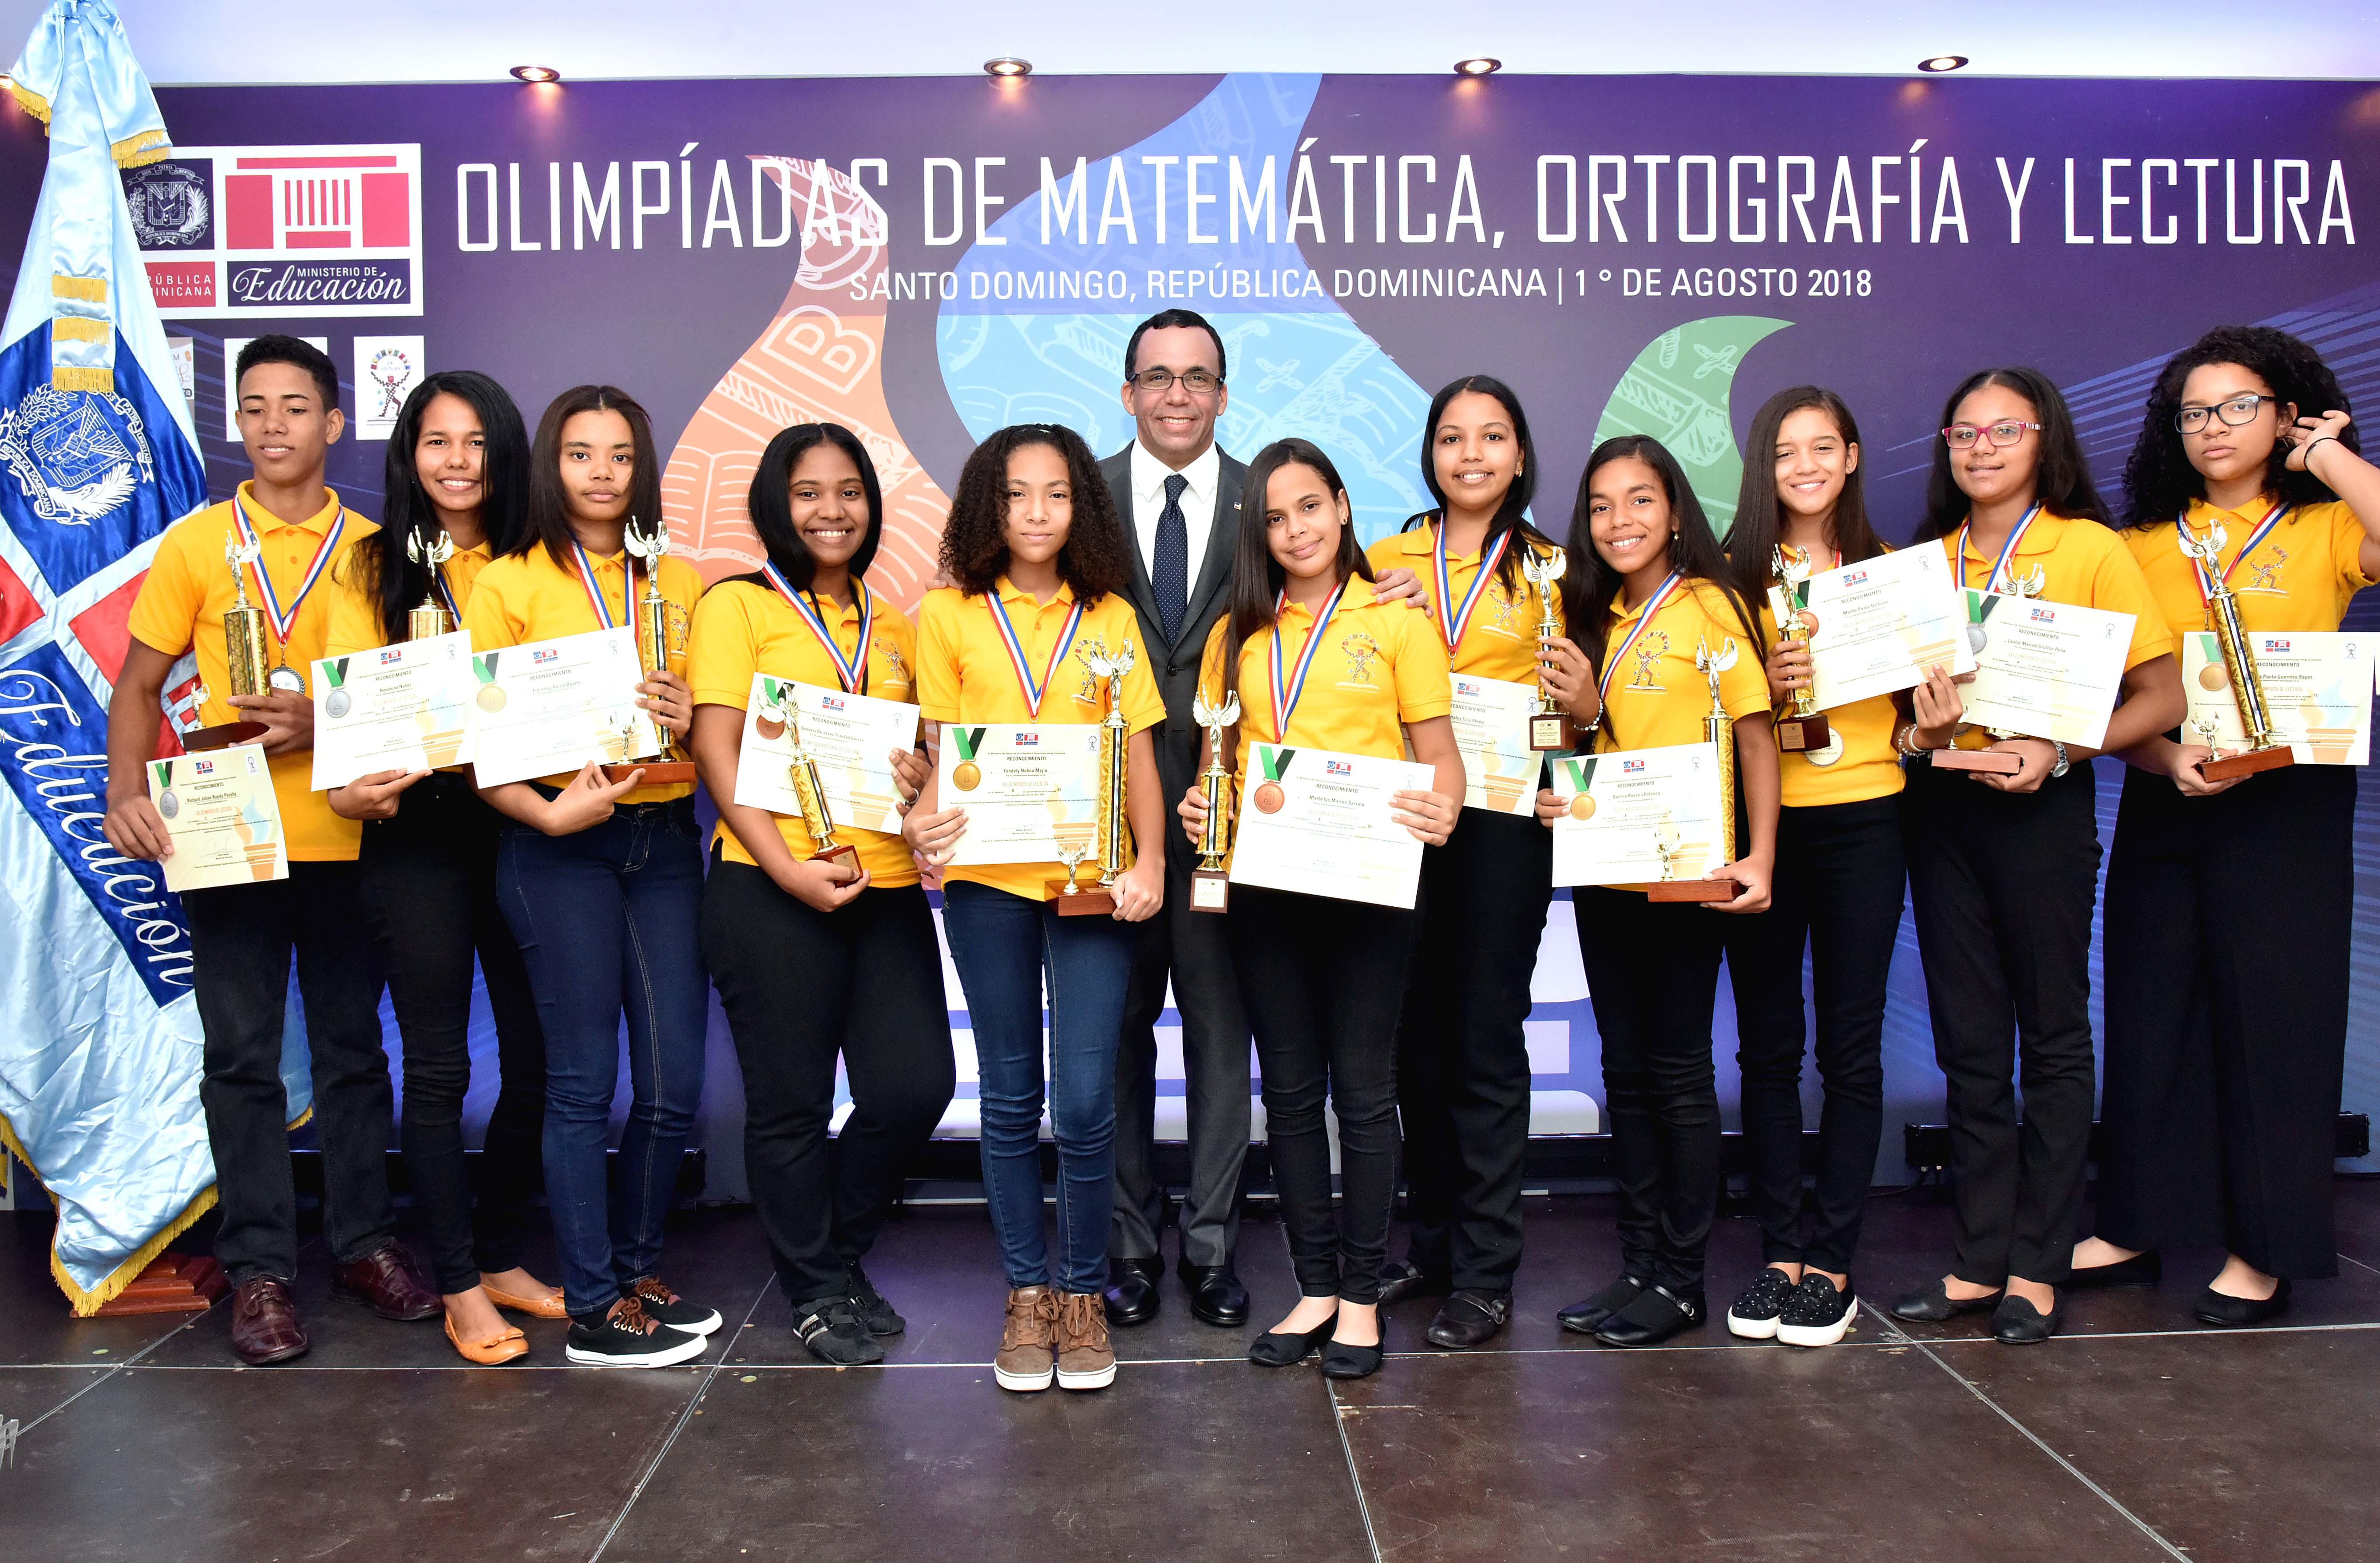 Premian a estudiantes en olimpiadas de matemática, ortografía y lectura